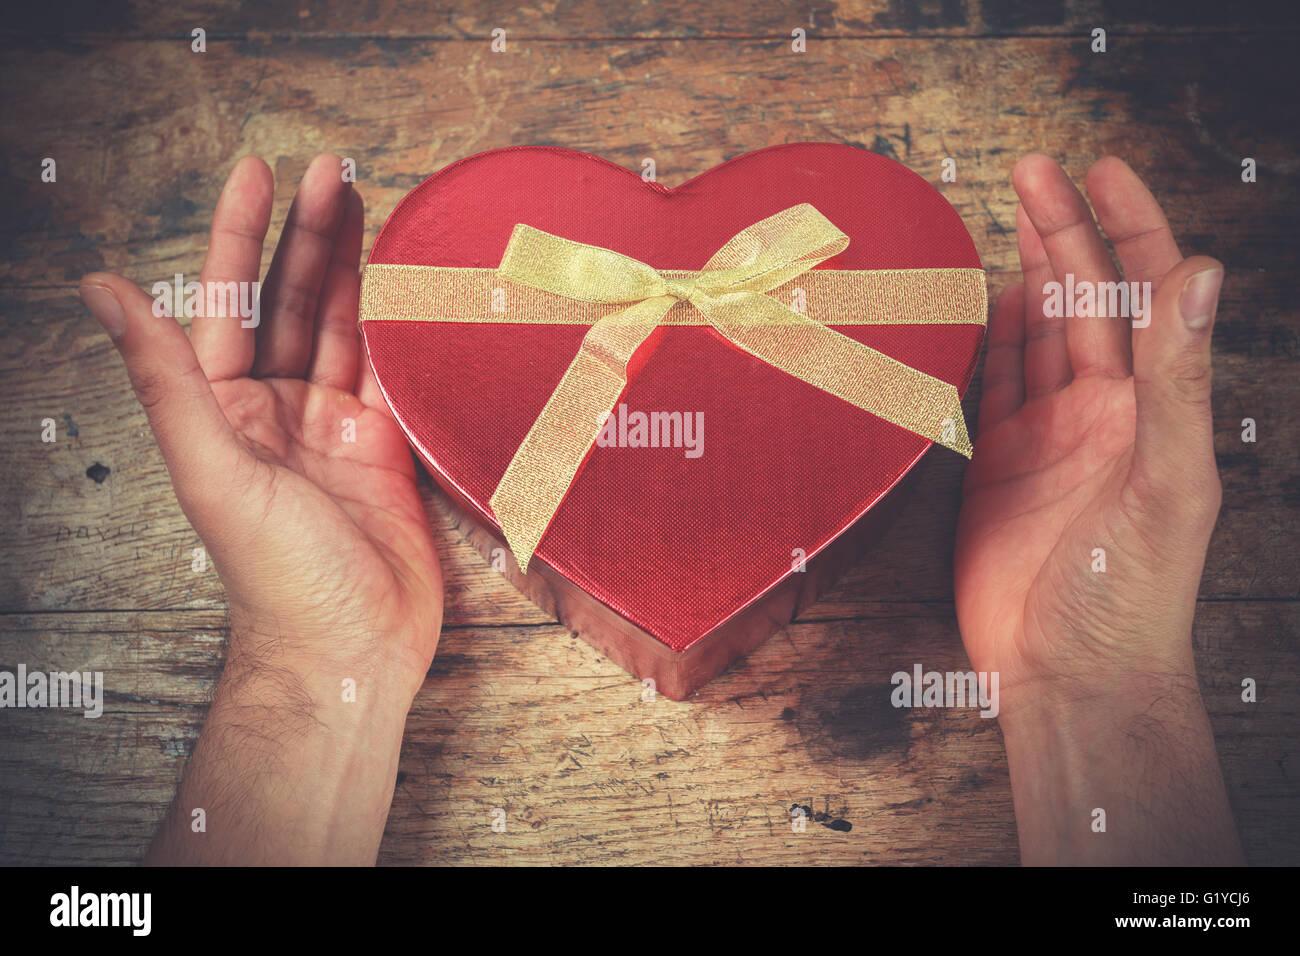 Un uomo ha le mani in appoggio su di una superficie di legno con un cuore scatola sagomata Immagini Stock